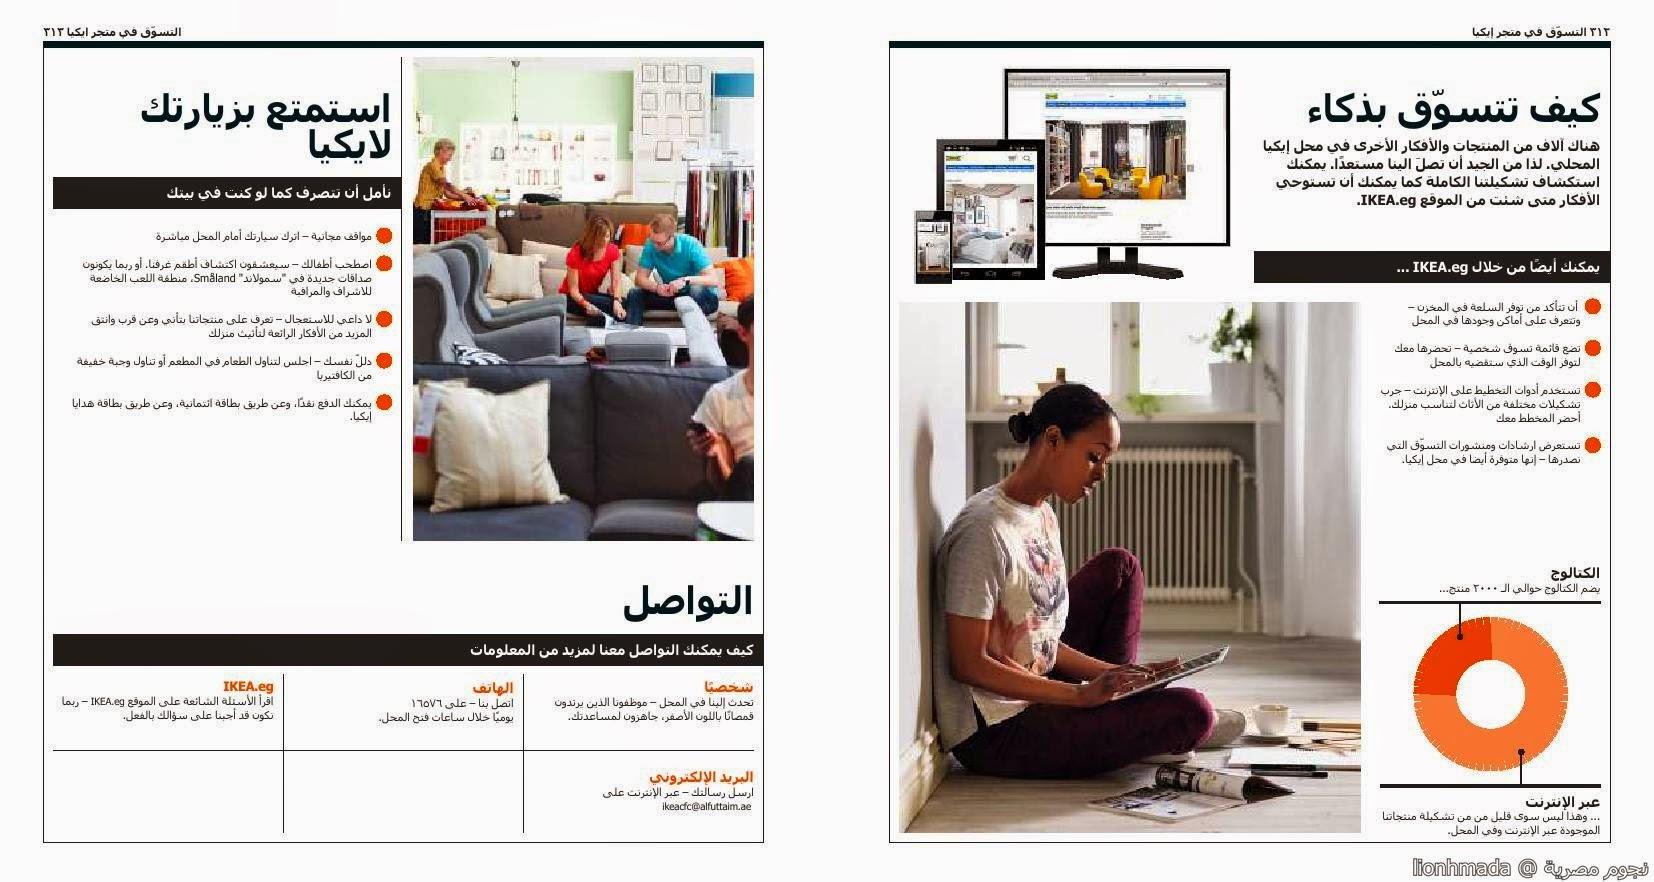 imgb8450d3beddb0df15cc5b32a53740245 صور كتالوج ايكيا مصر ikia للديكورات